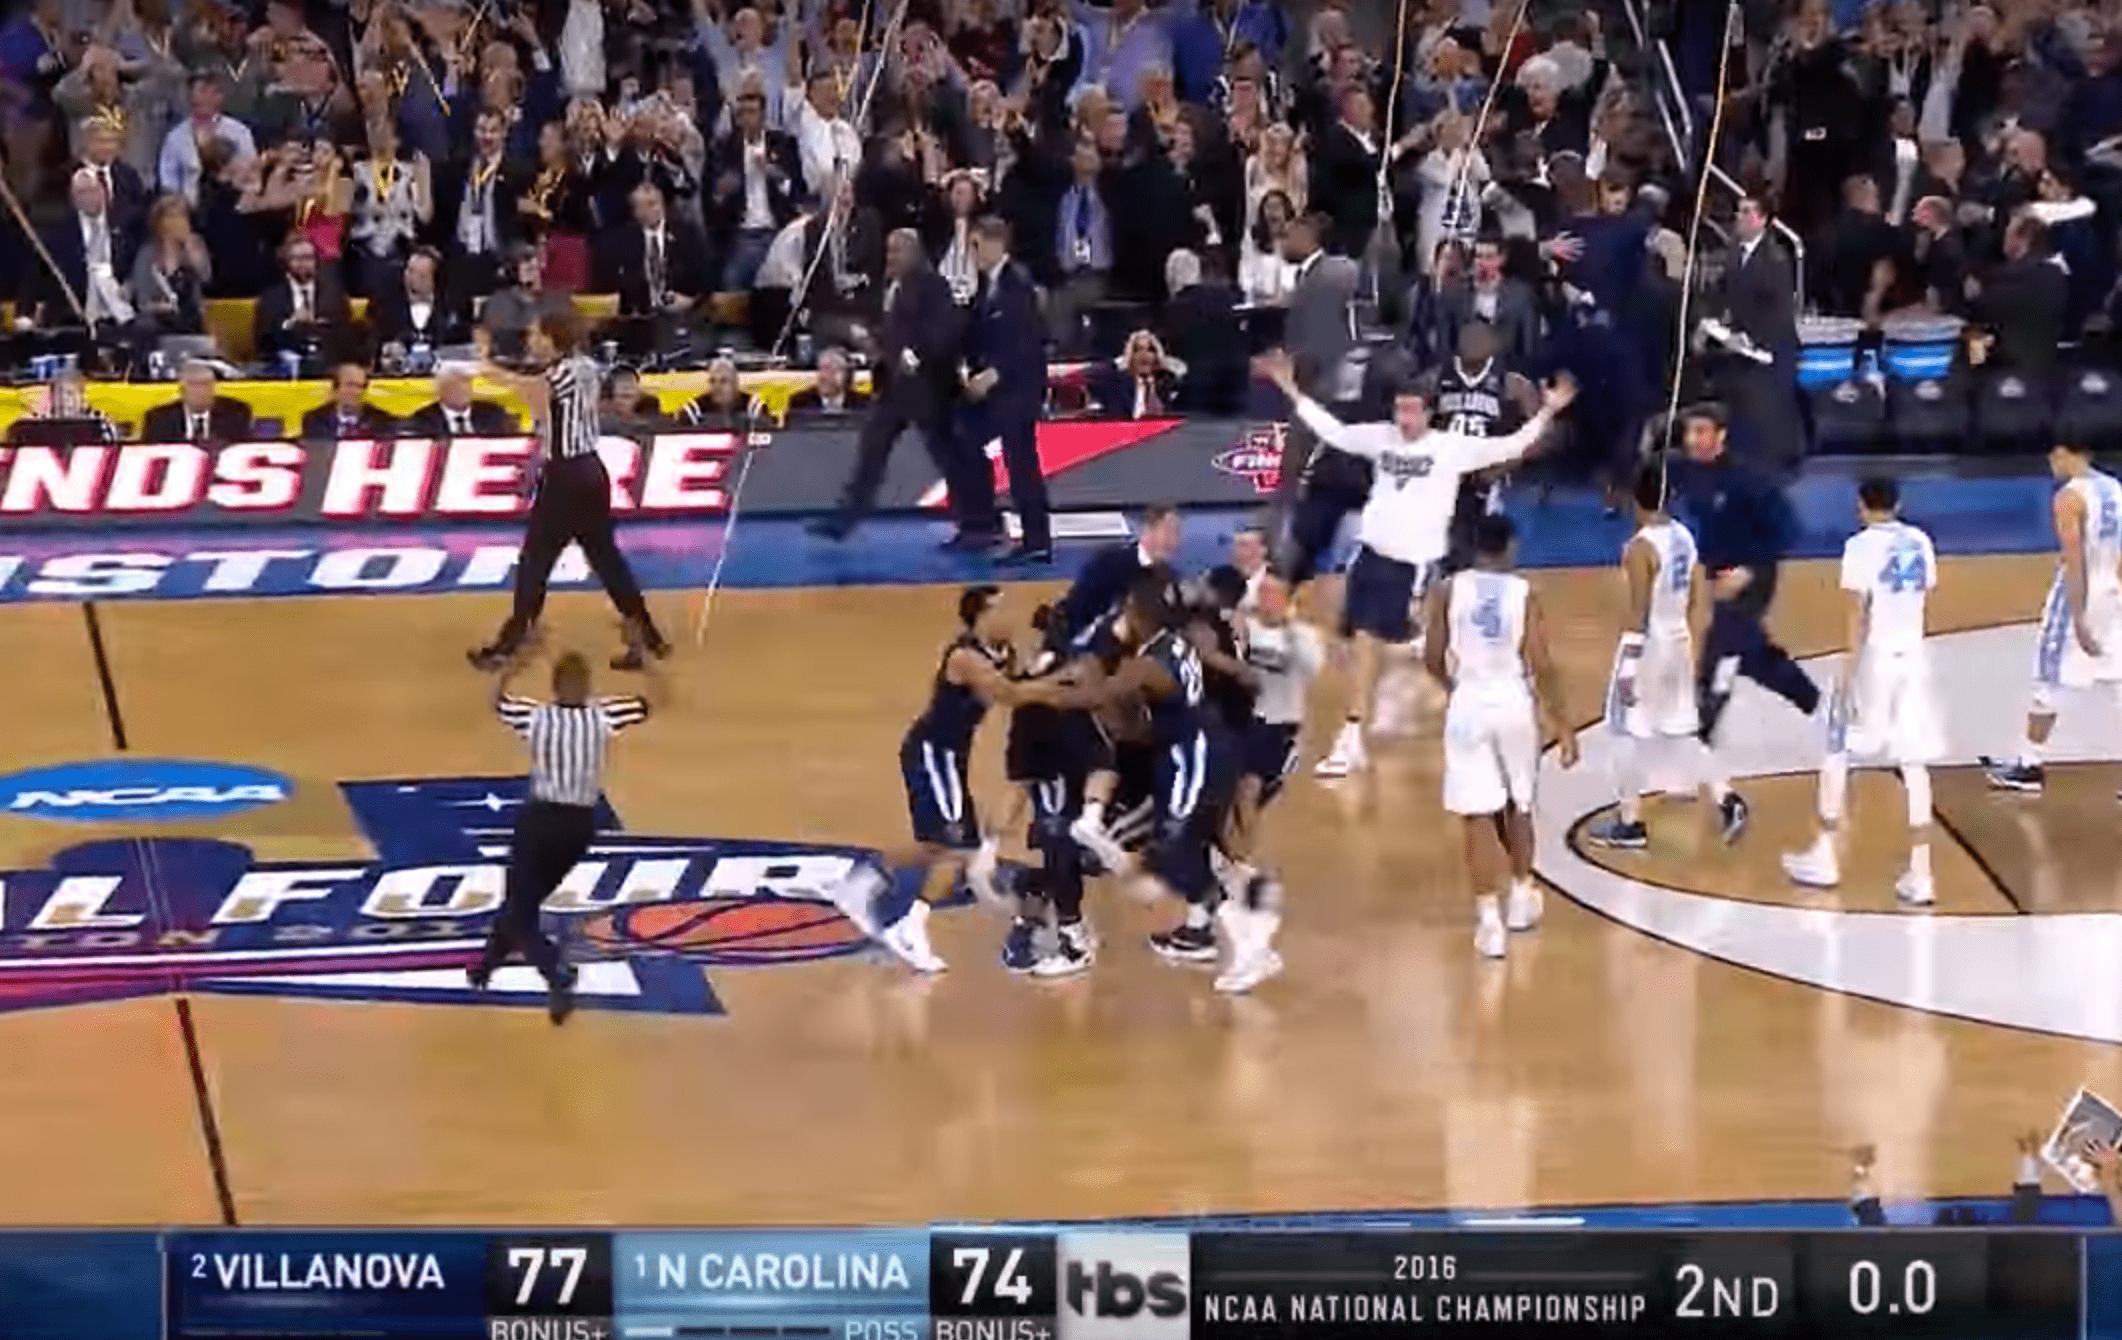 Quand Villanova remportait le titre NCAA au buzzer contre North Carolina